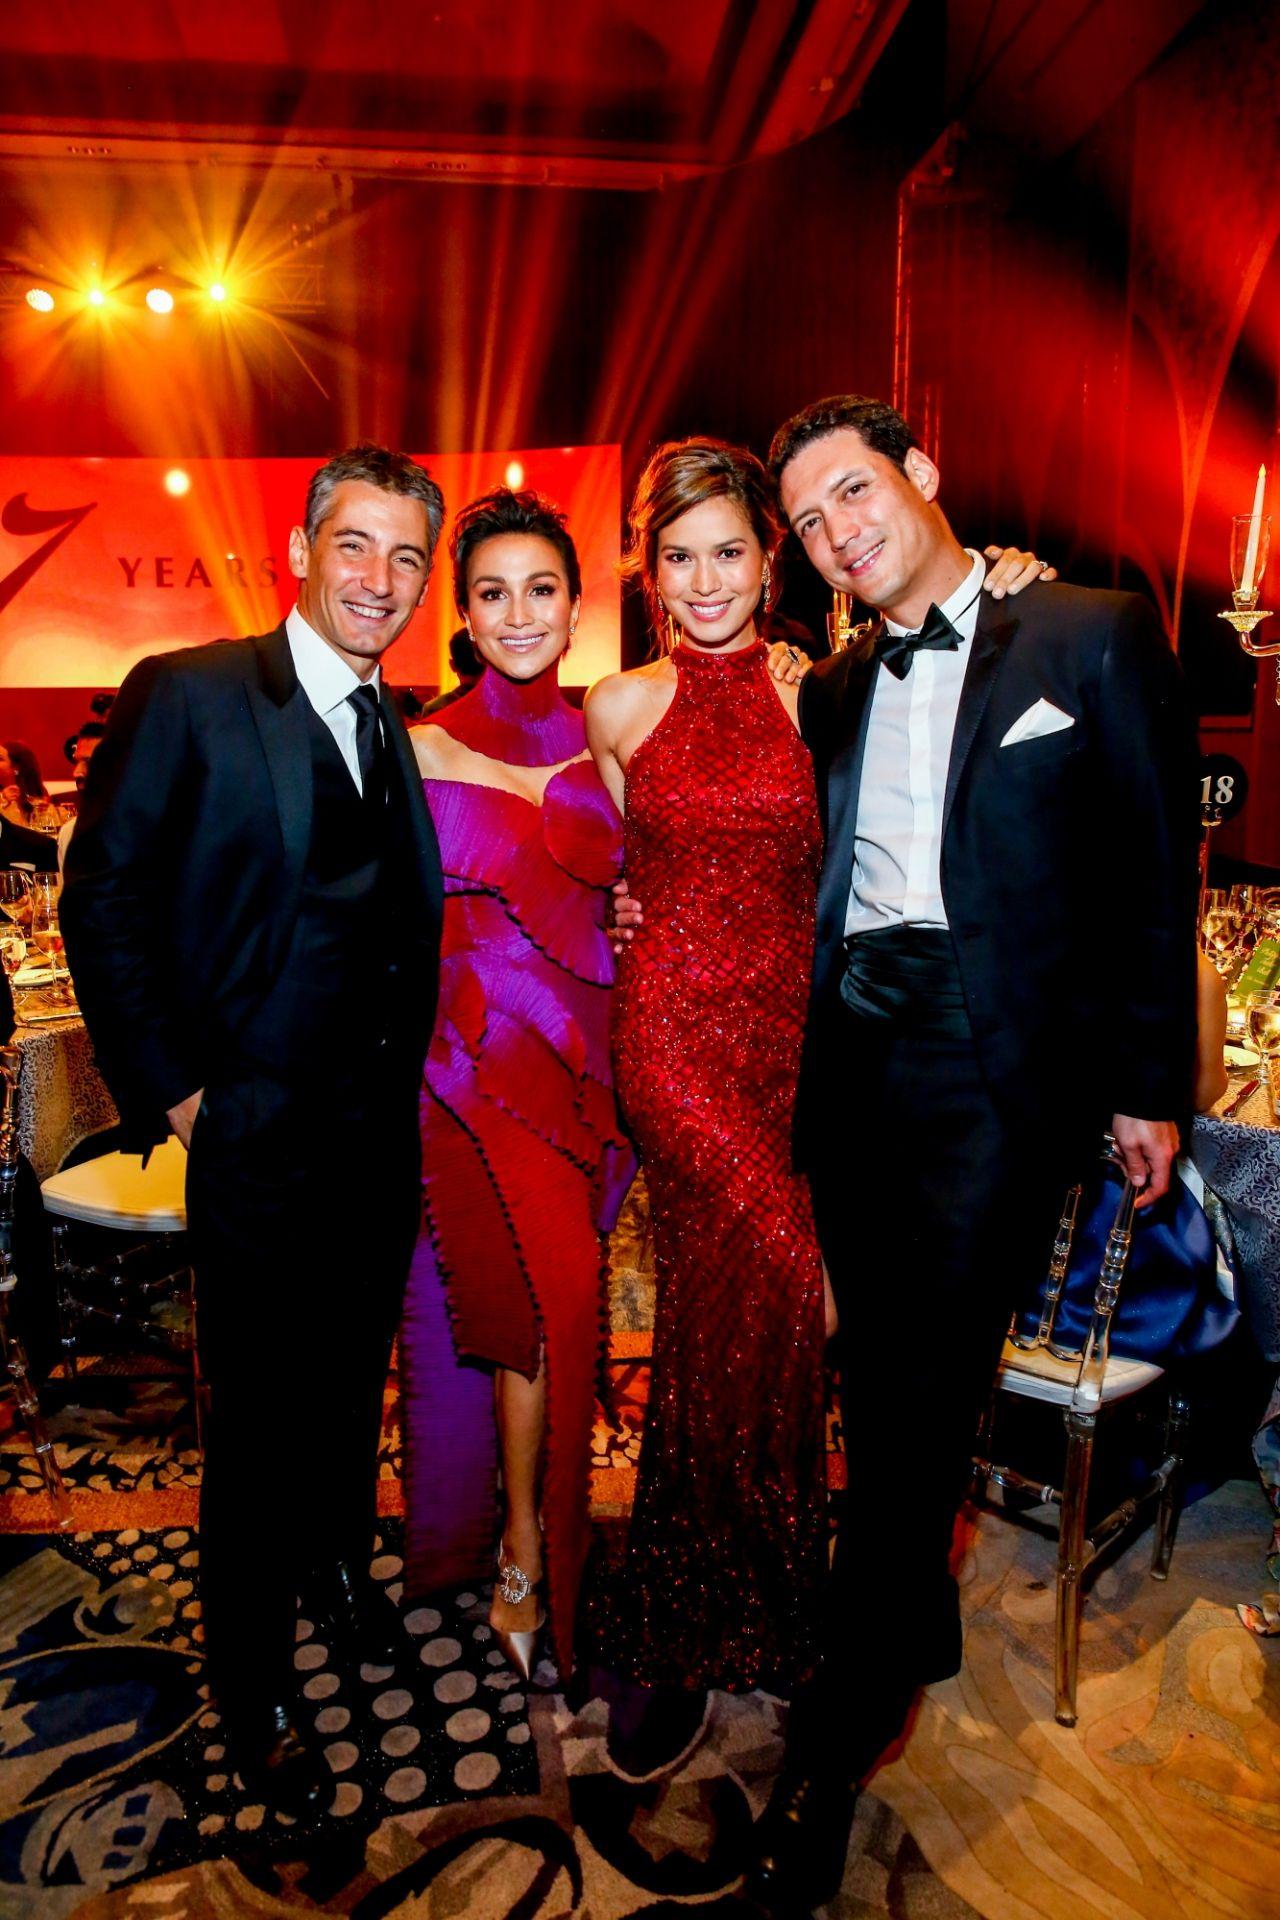 Christian and Stephanie Gonzalez, Jessica and Jesse Maxwell